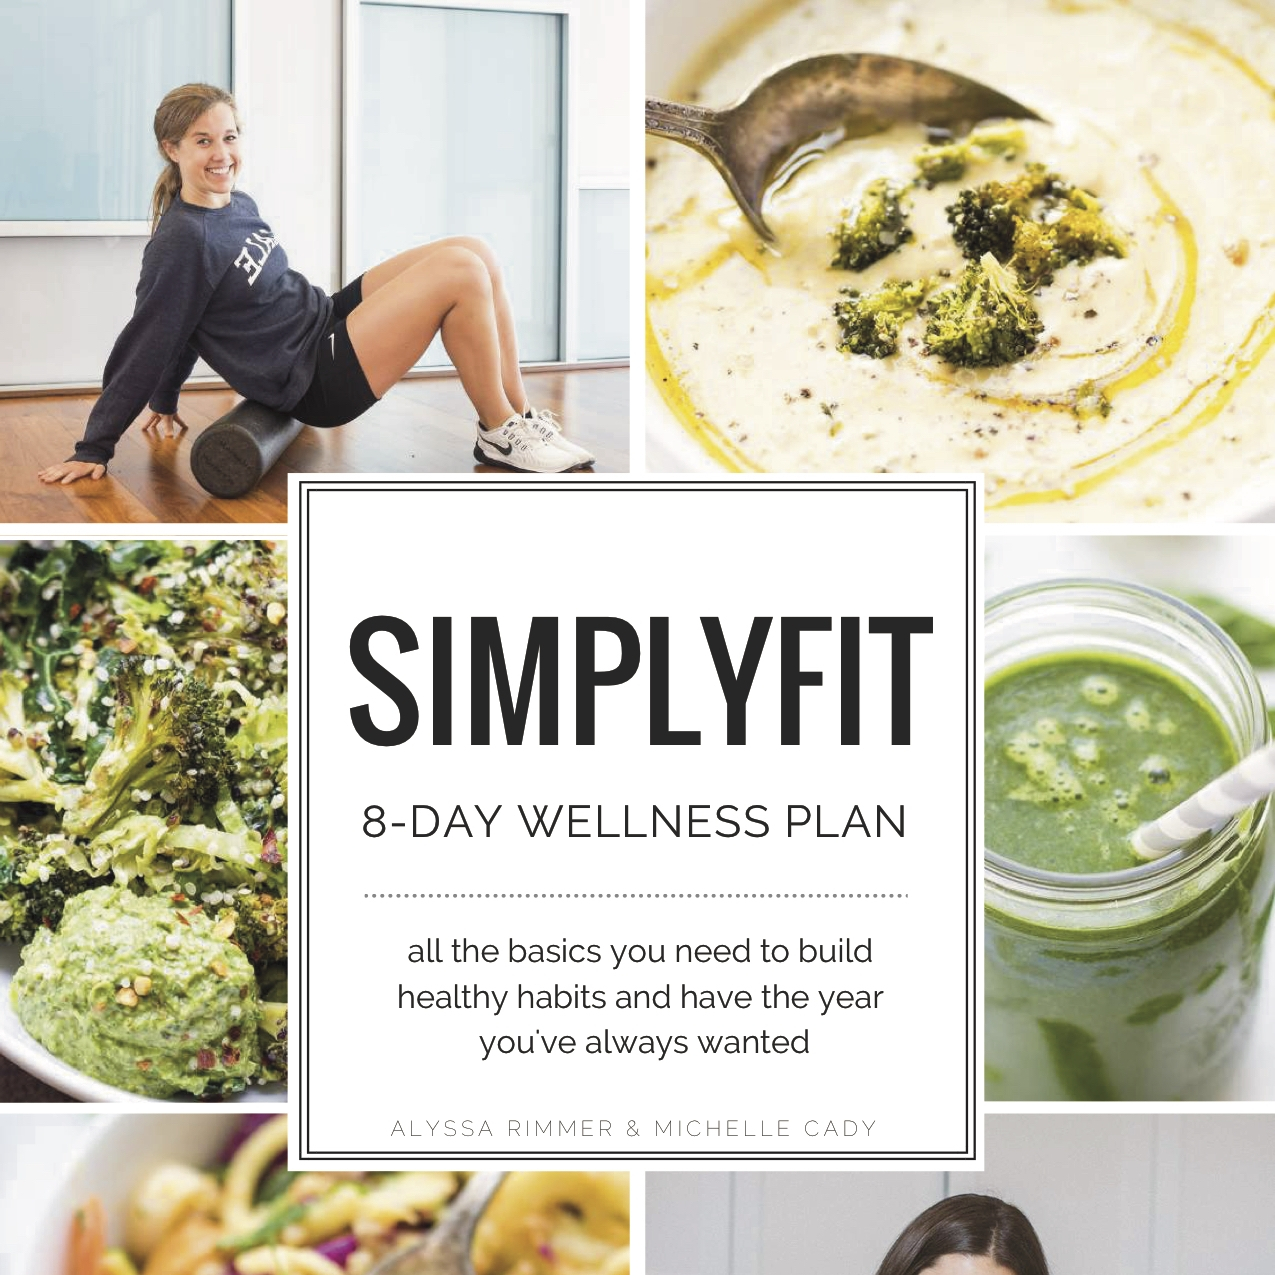 SimplyFit 8 Cover Page.jpg